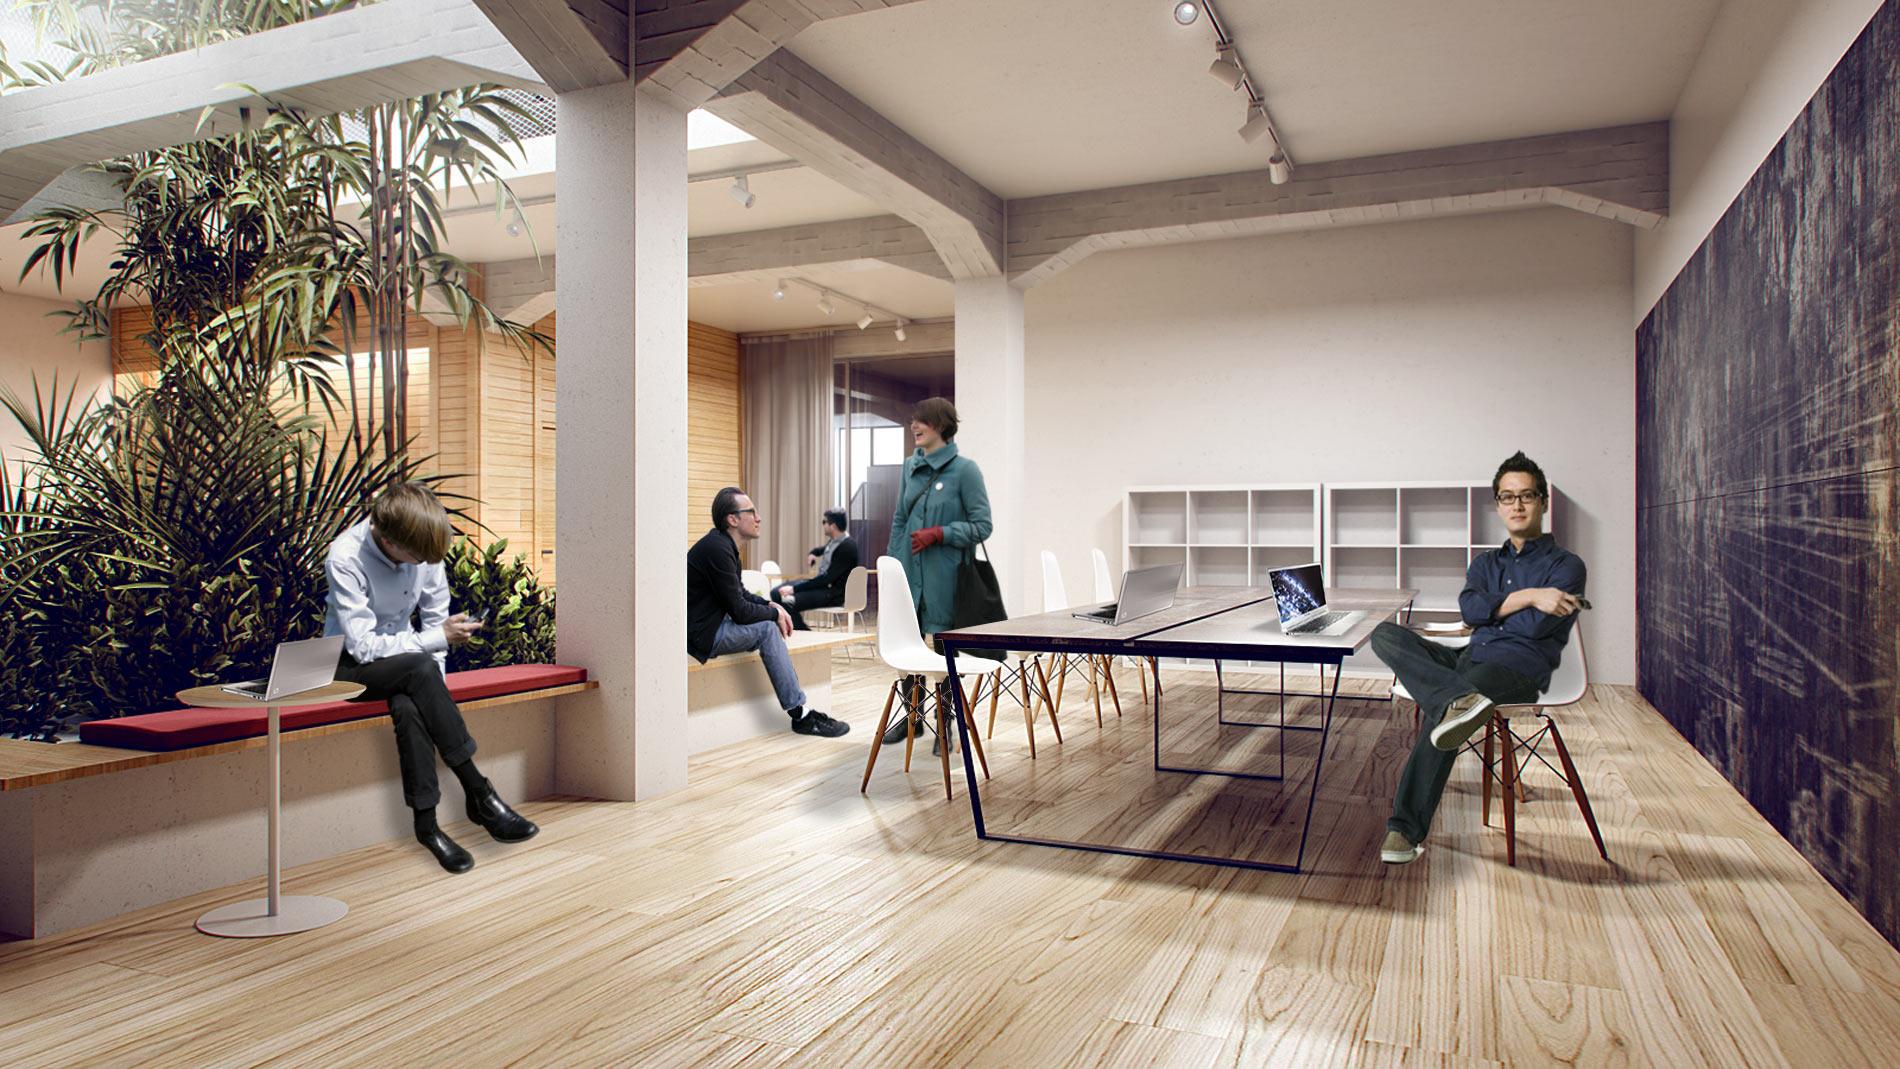 Coworking e startup yoroom e lo scambio economico for Carrozziere milano economico